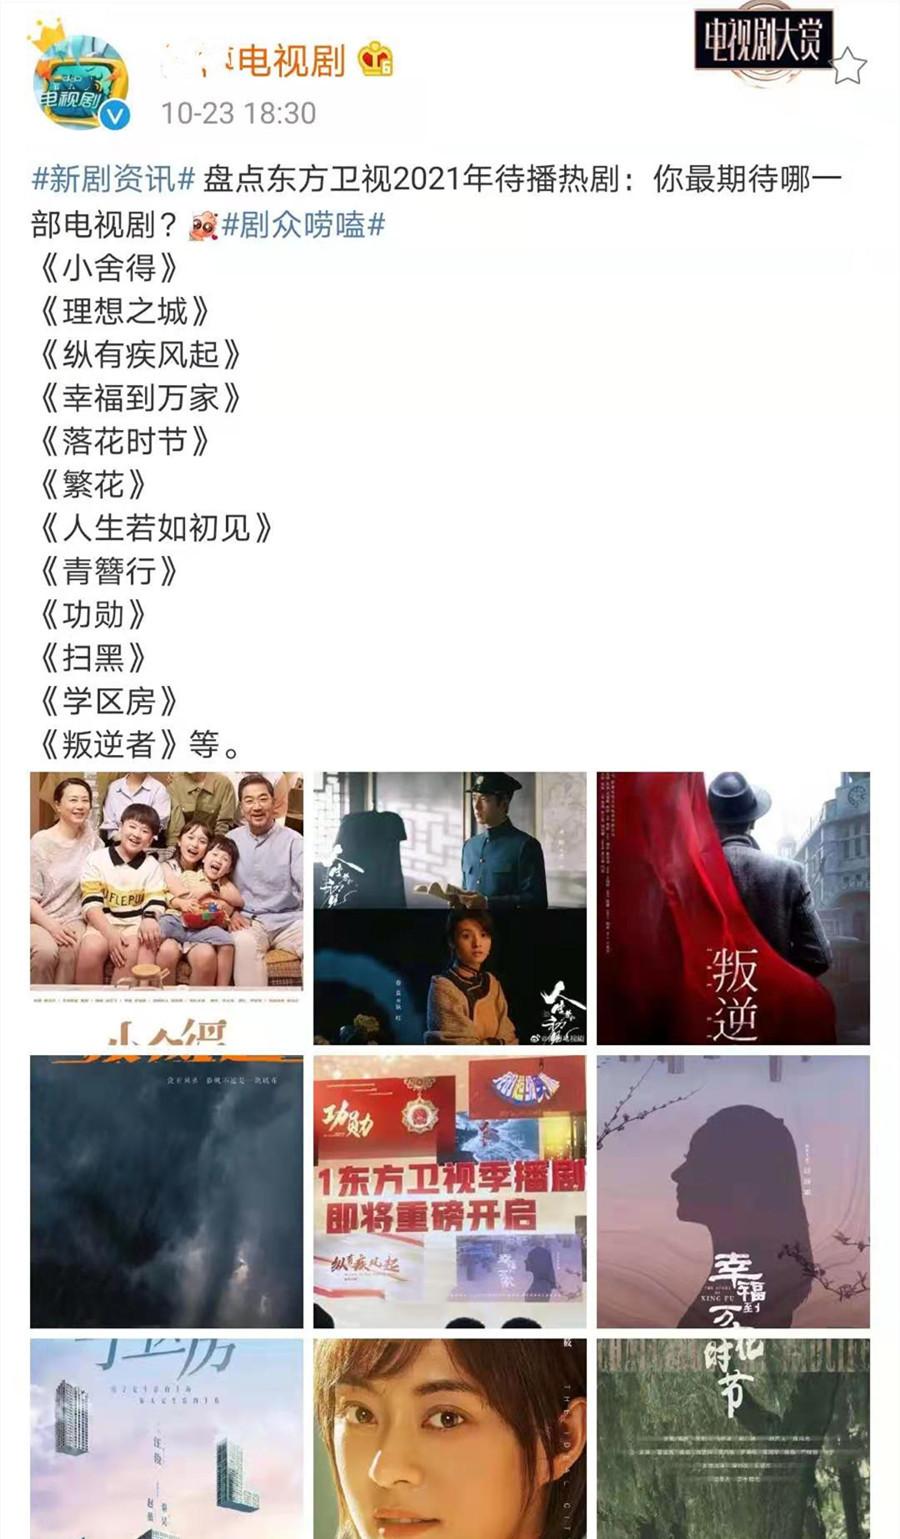 又一家庭剧来了,《学区房》即将上星播出,赵薇、秦昊、王鸥领衔